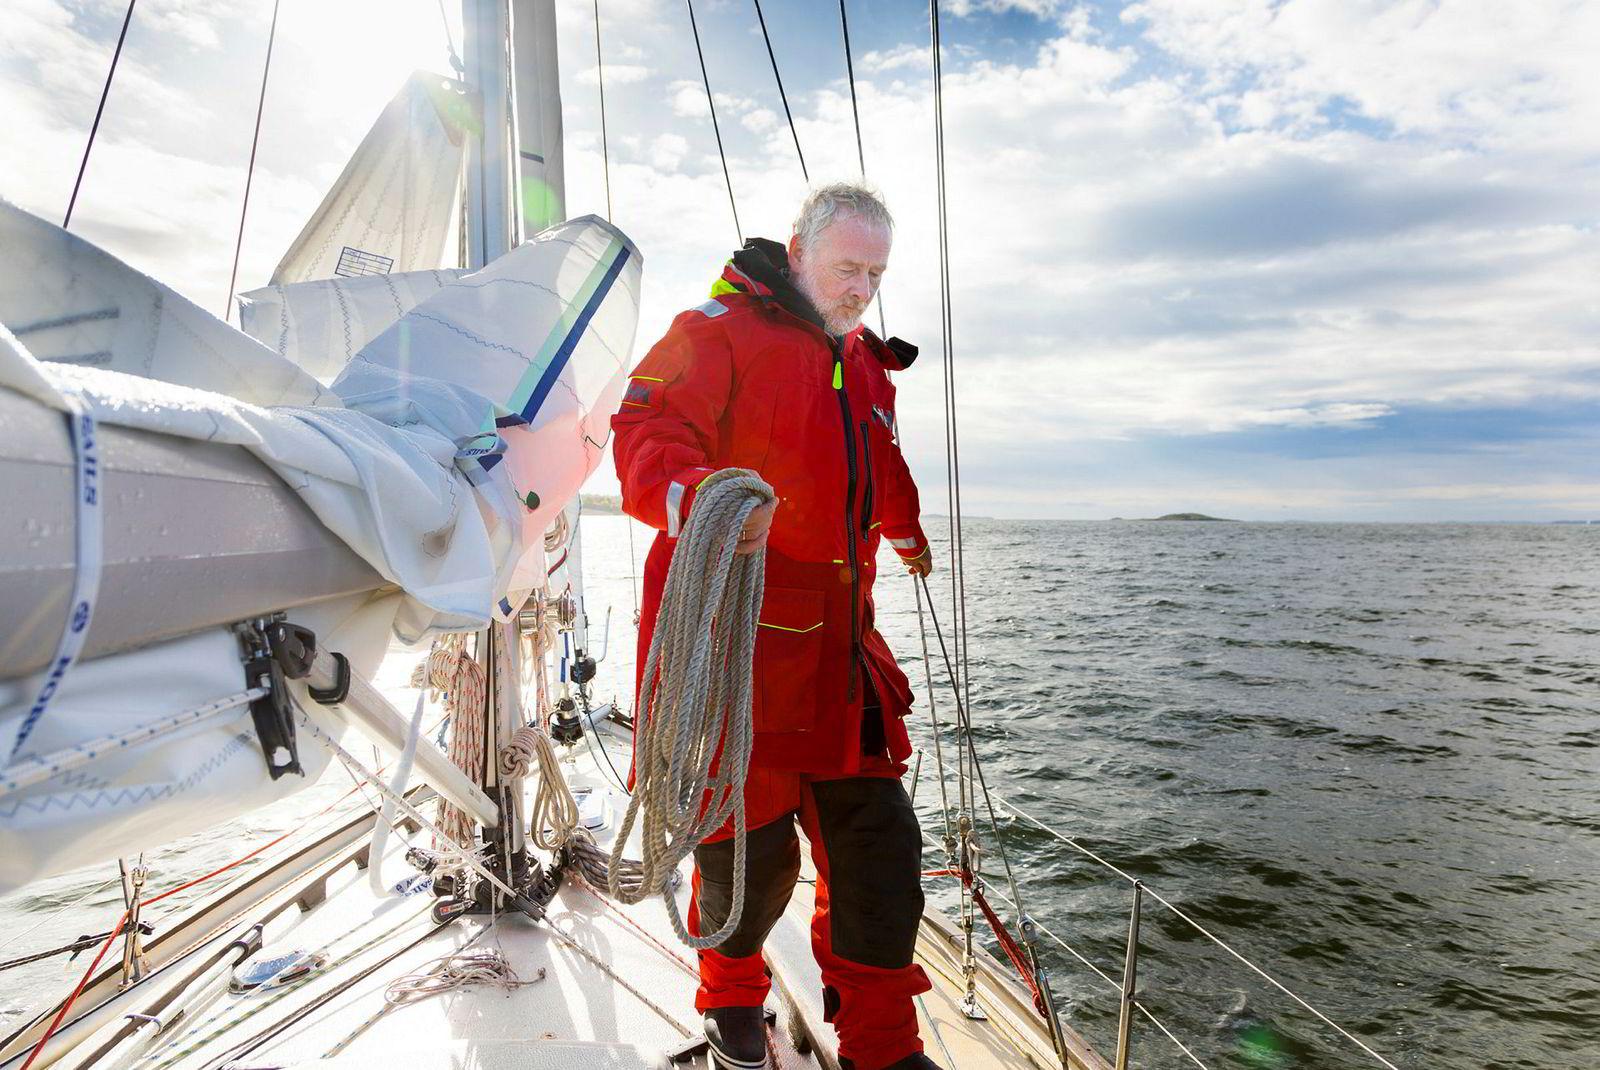 Wiig skal røse godt i utstyret før han legger ut på Golden Globe Race. Det betyr at båten må testes langvarig under røffe forhold for å avdekke alle svakheter.